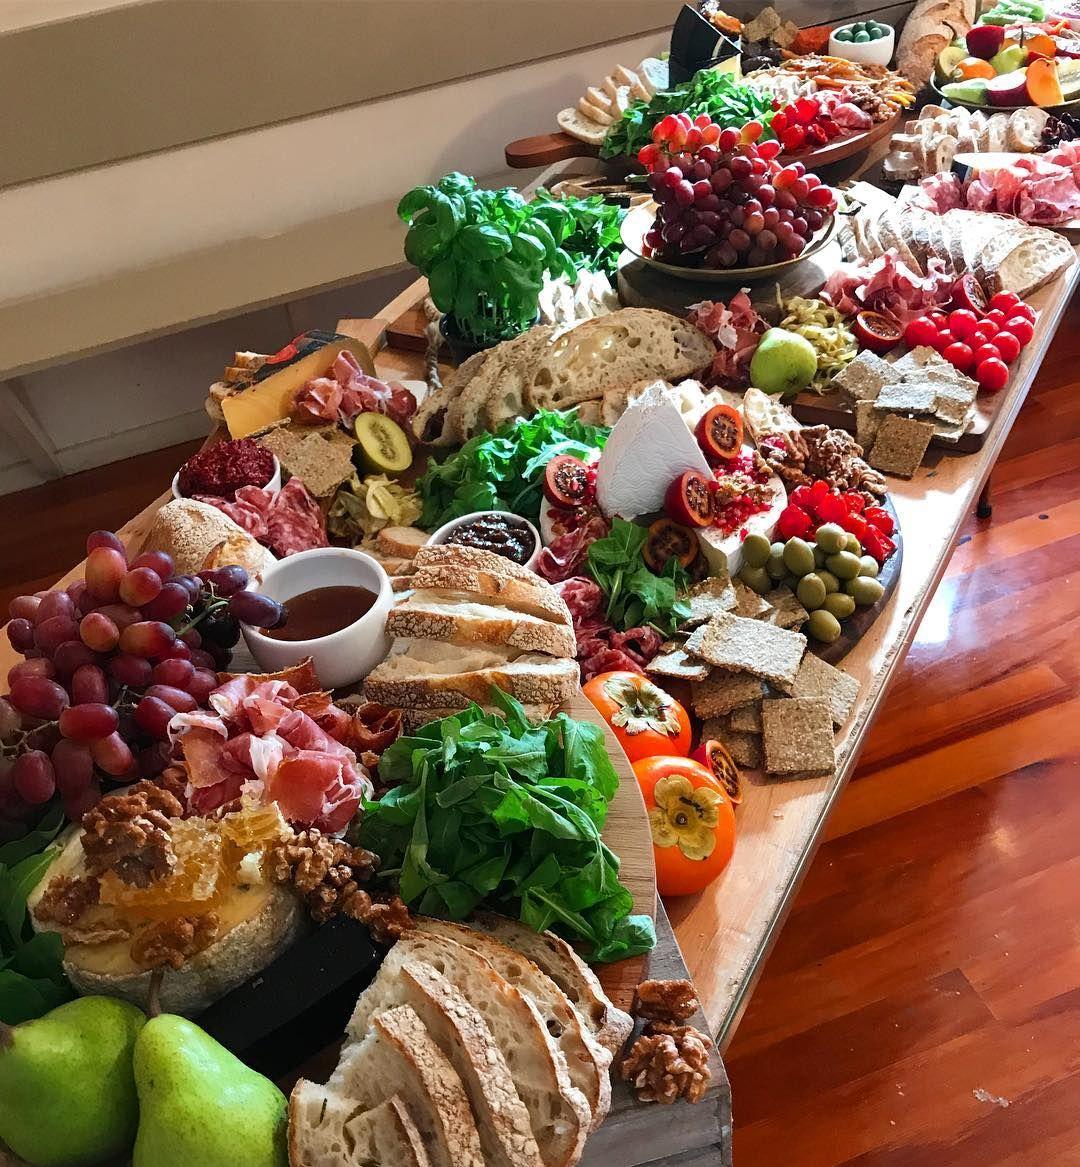 Winter Wedding Food: Together (@together.nz) On